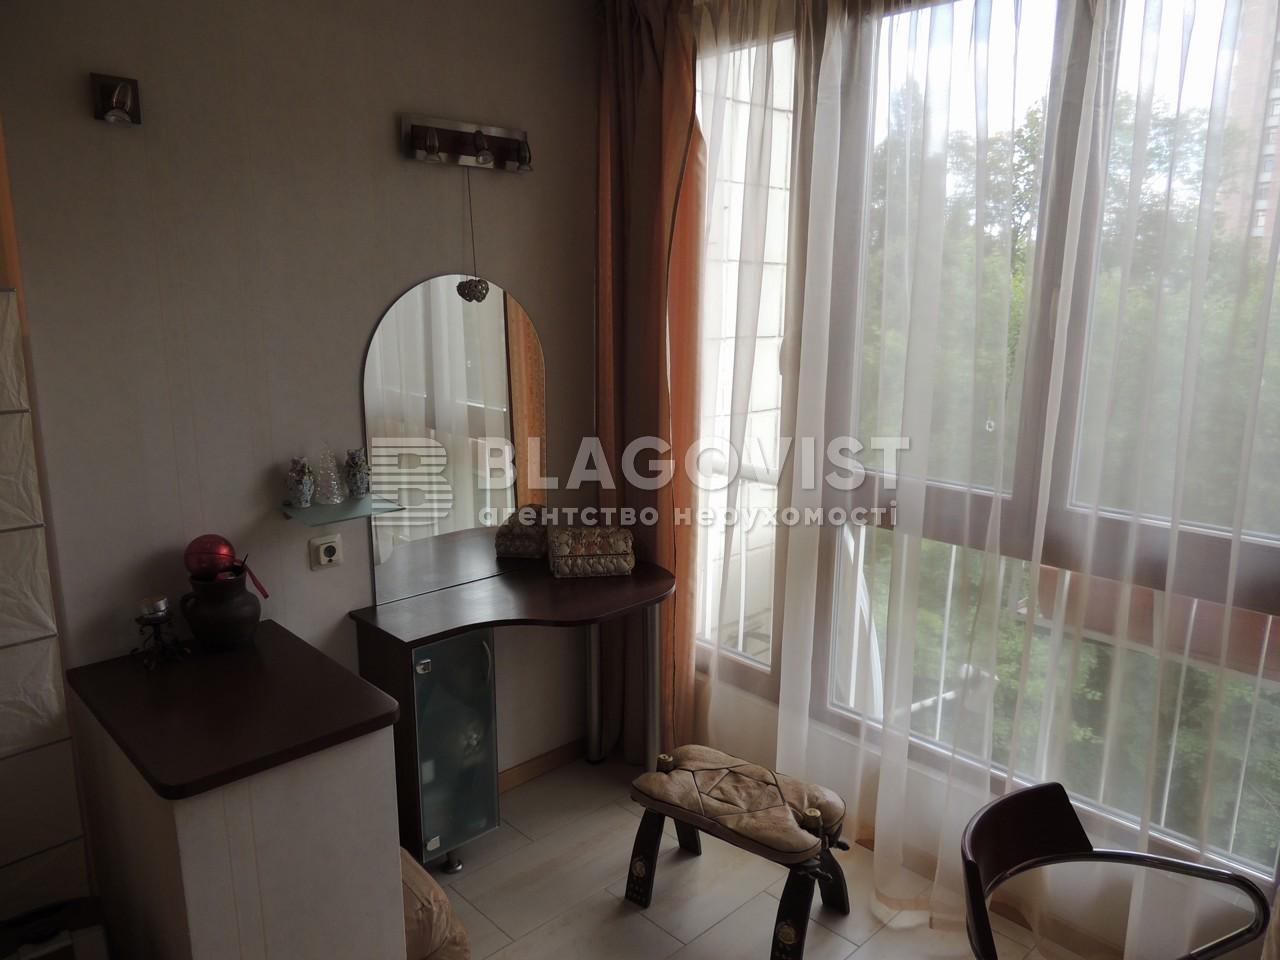 Квартира C-101736, Виноградный пер., 6, Киев - Фото 8